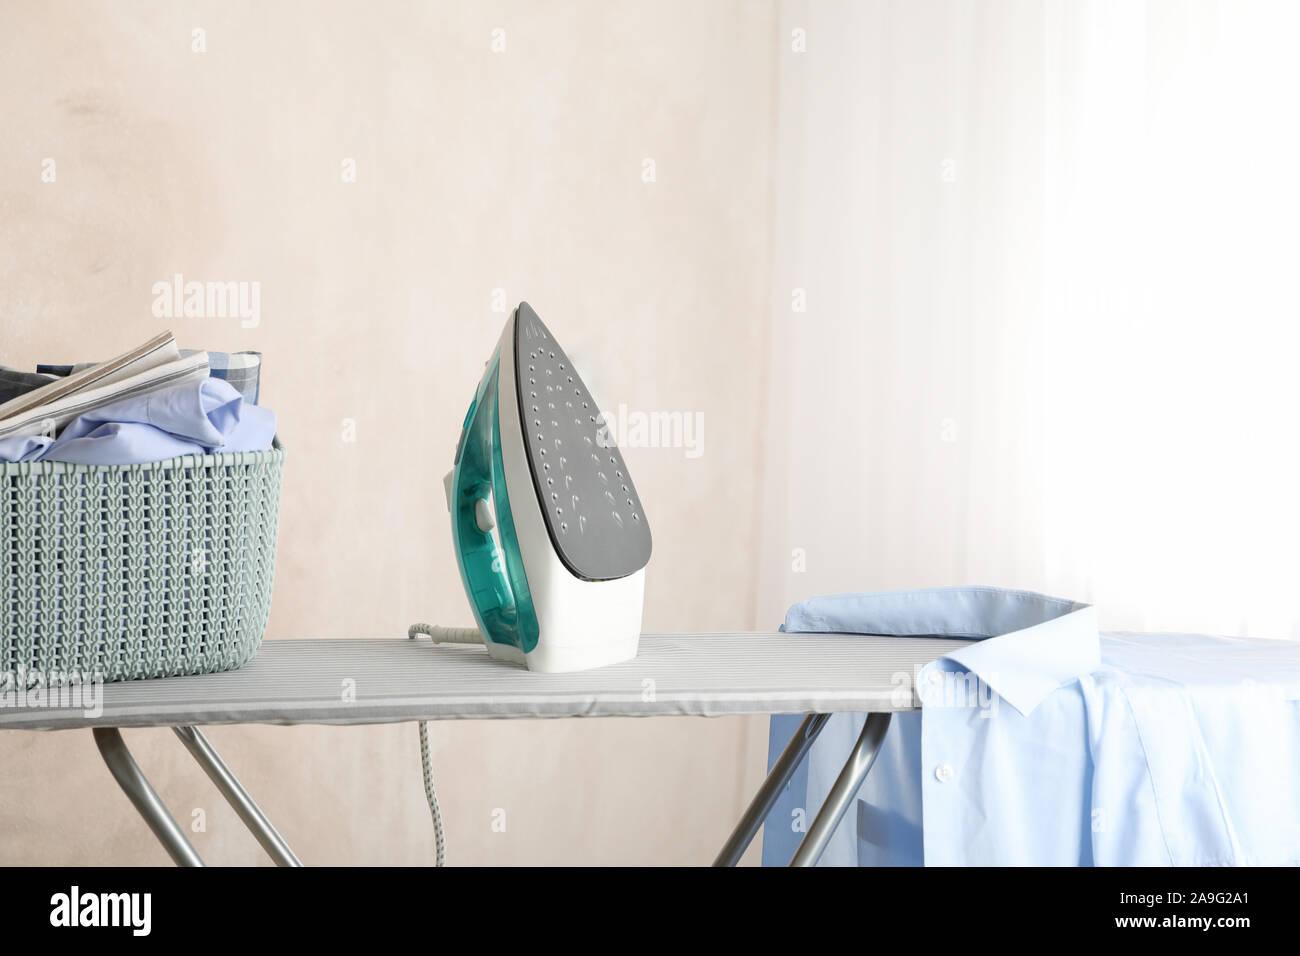 Plancha Y Tabla De Planchar Ropa En Limpio Espacio Para Texto Fotografia De Stock Alamy